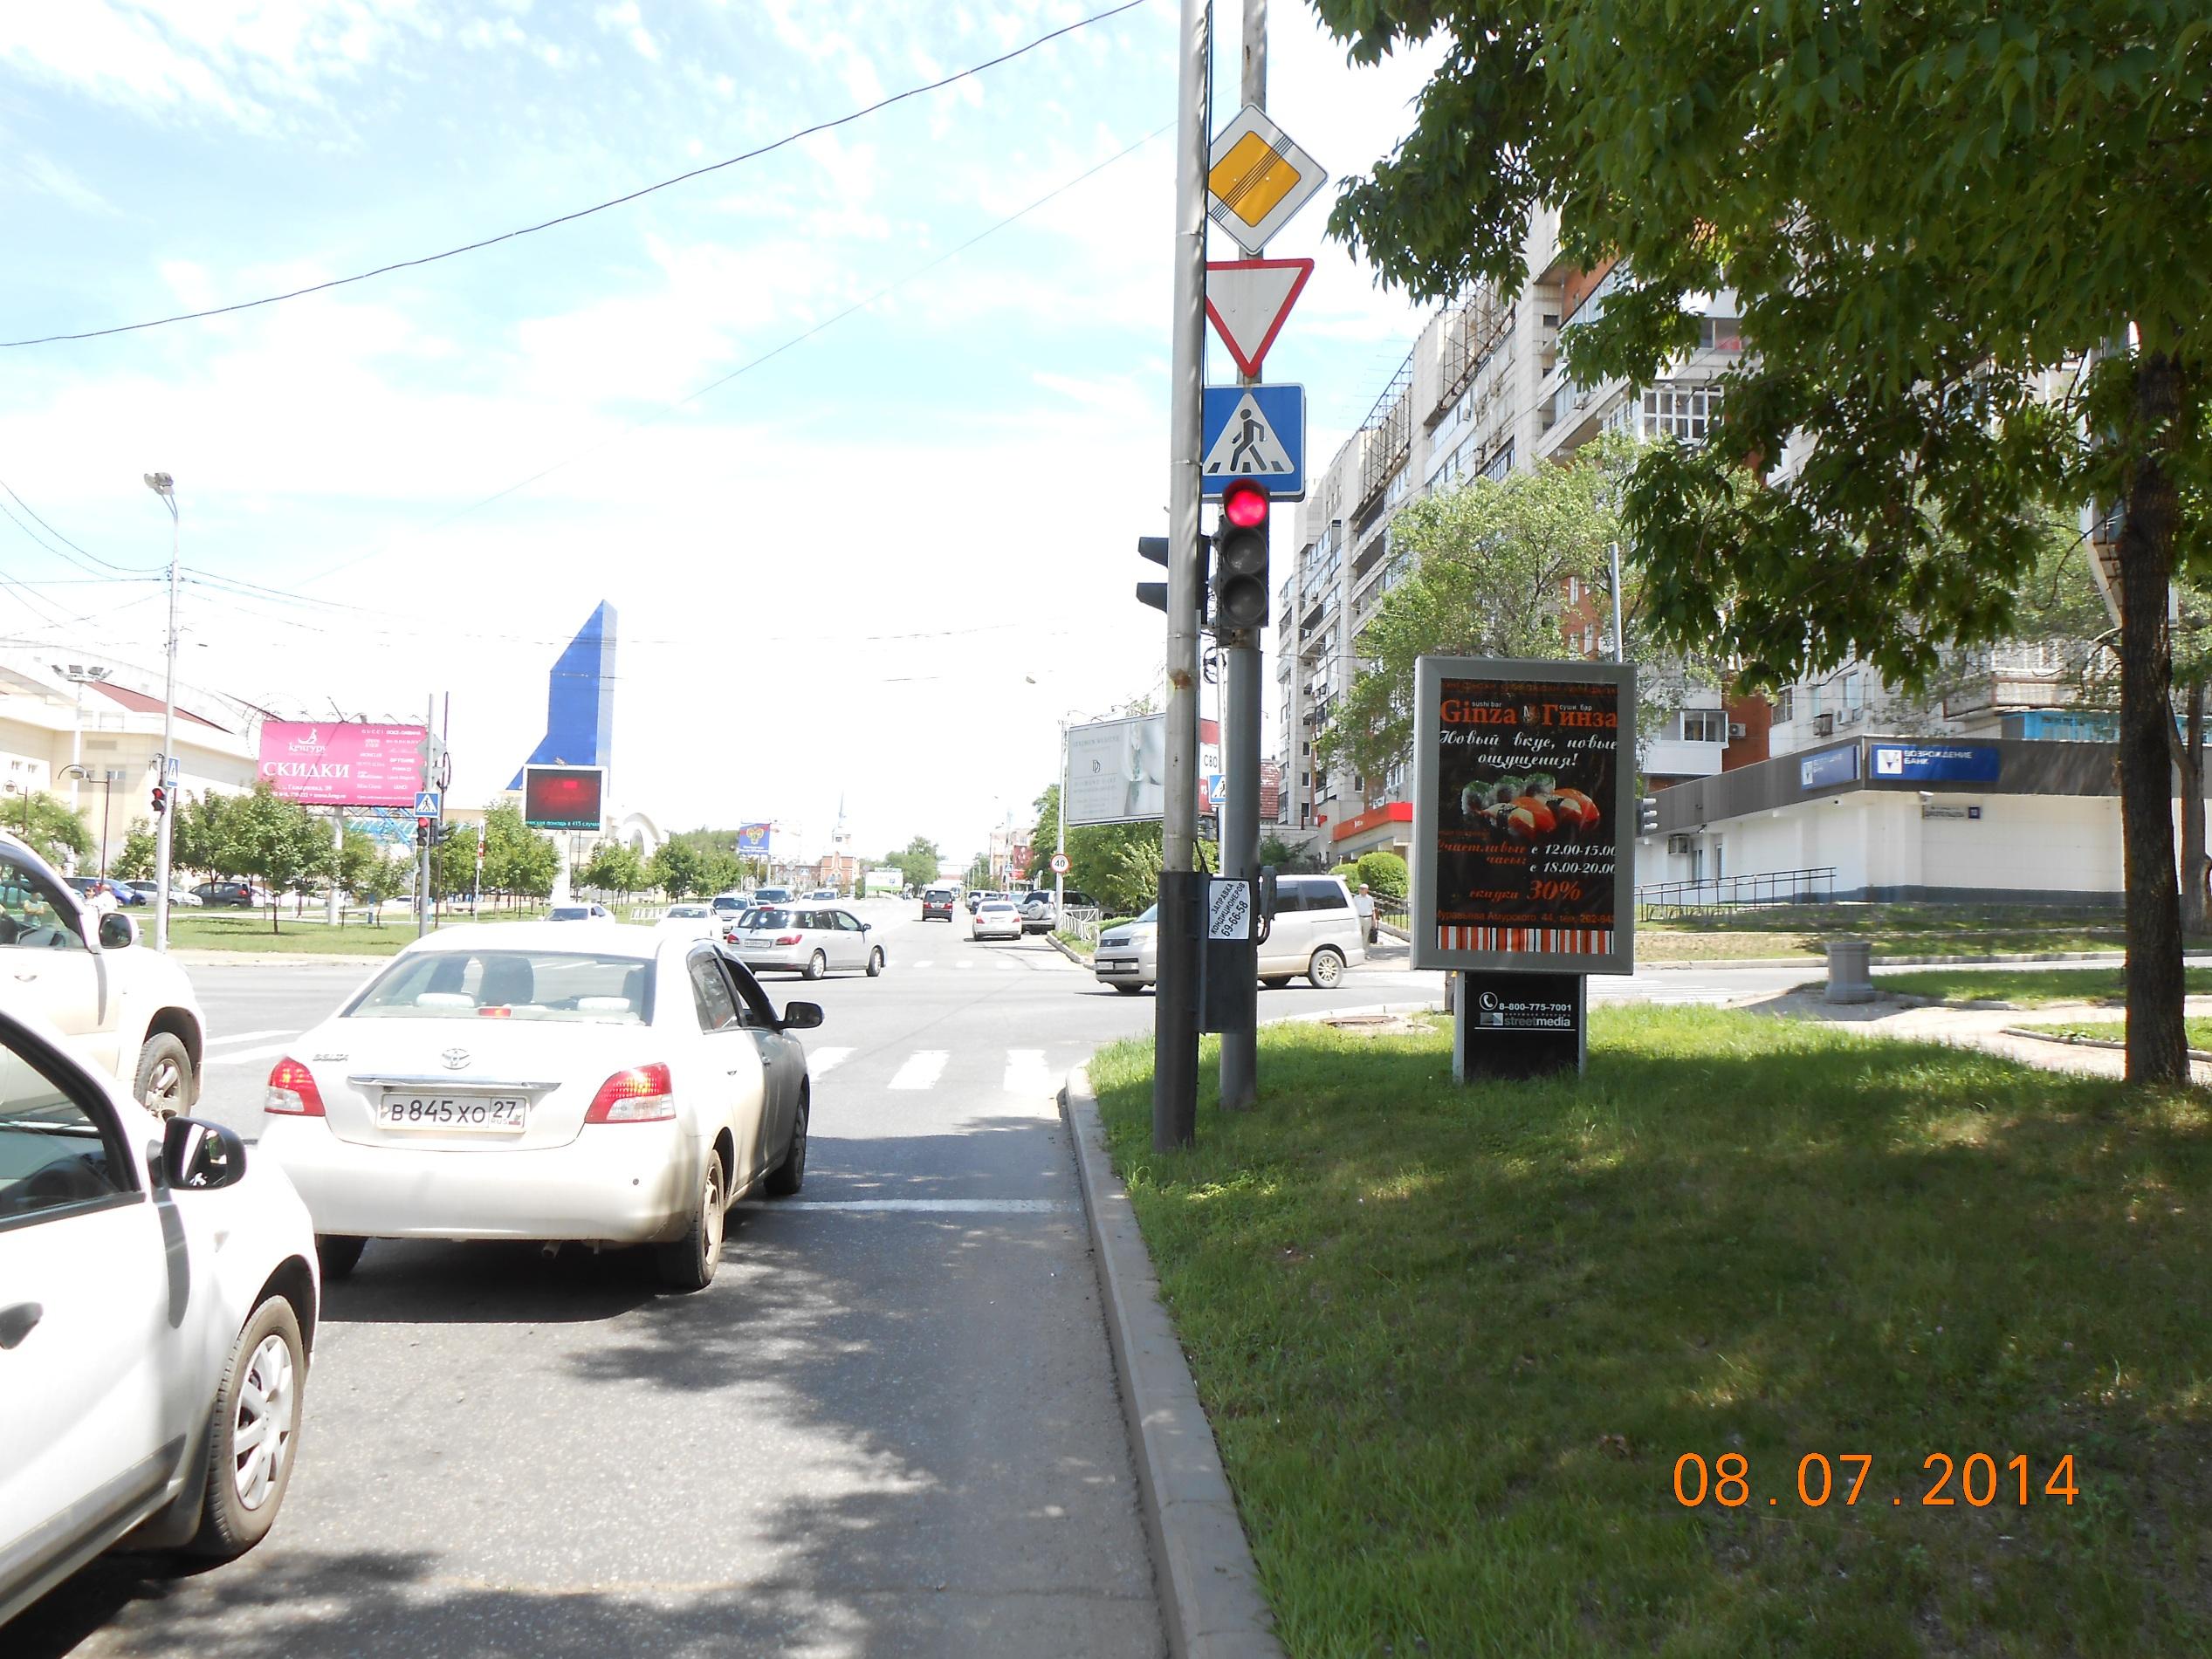 ул. Дикопольцева – Уссурийский бульвар